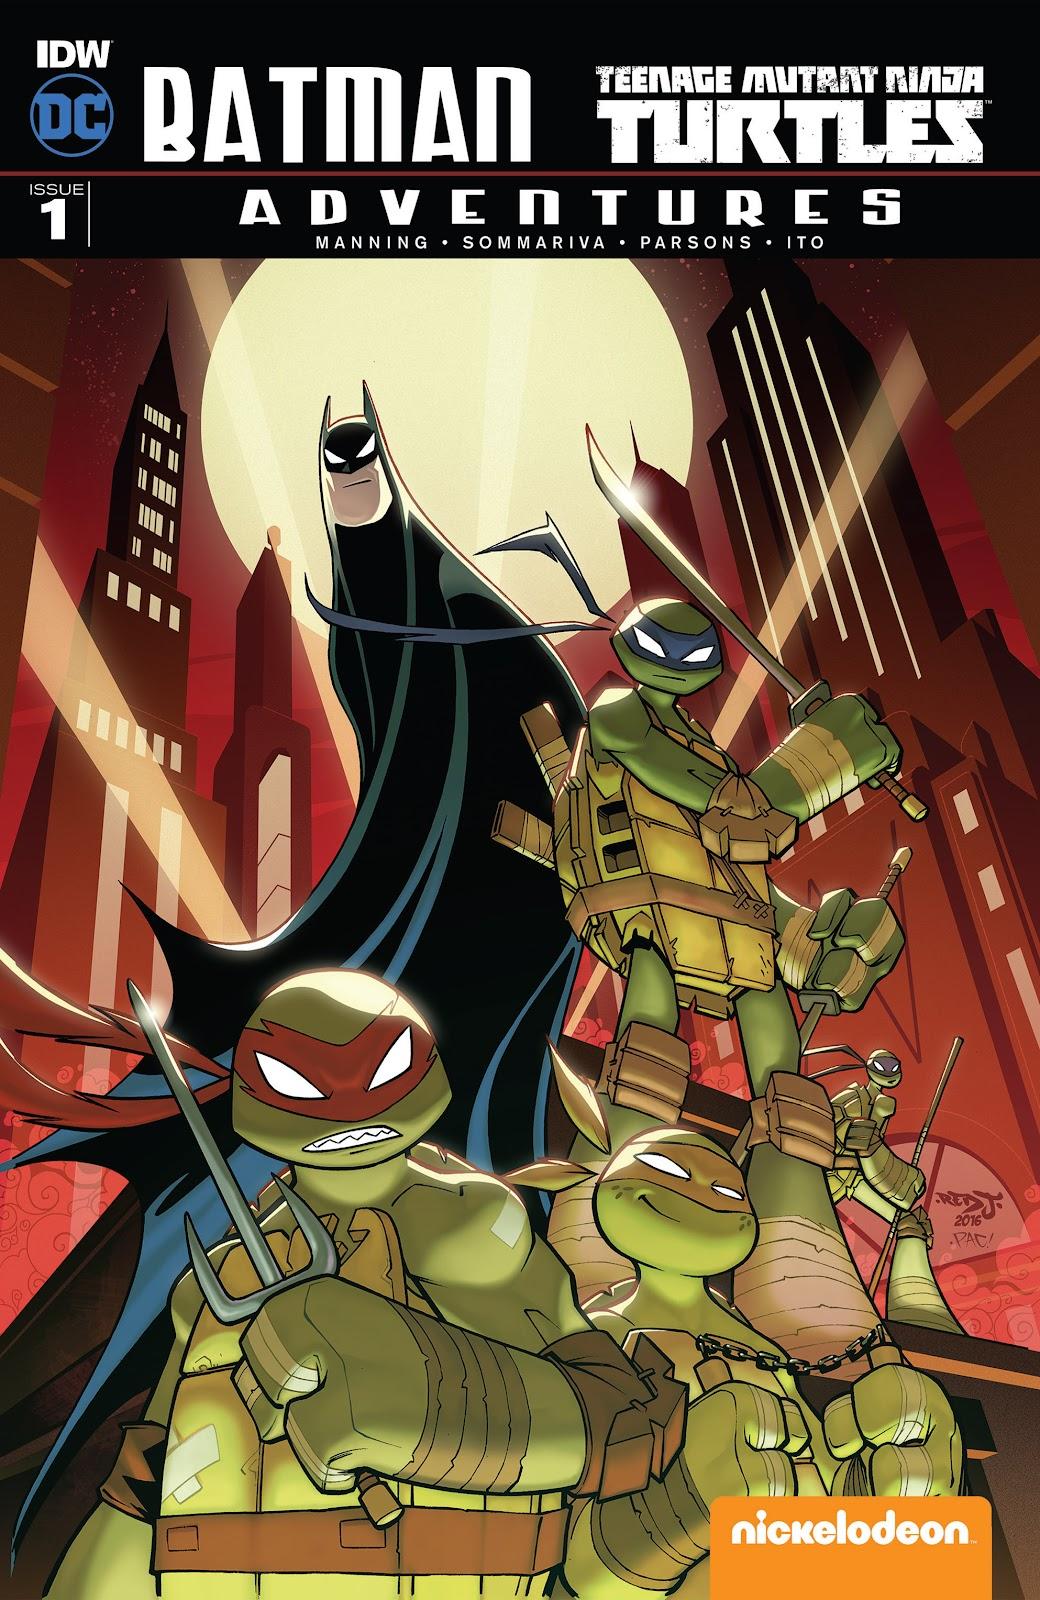 Batman/Teenage Mutant Ninja Turtles Adventure 1 Page 1